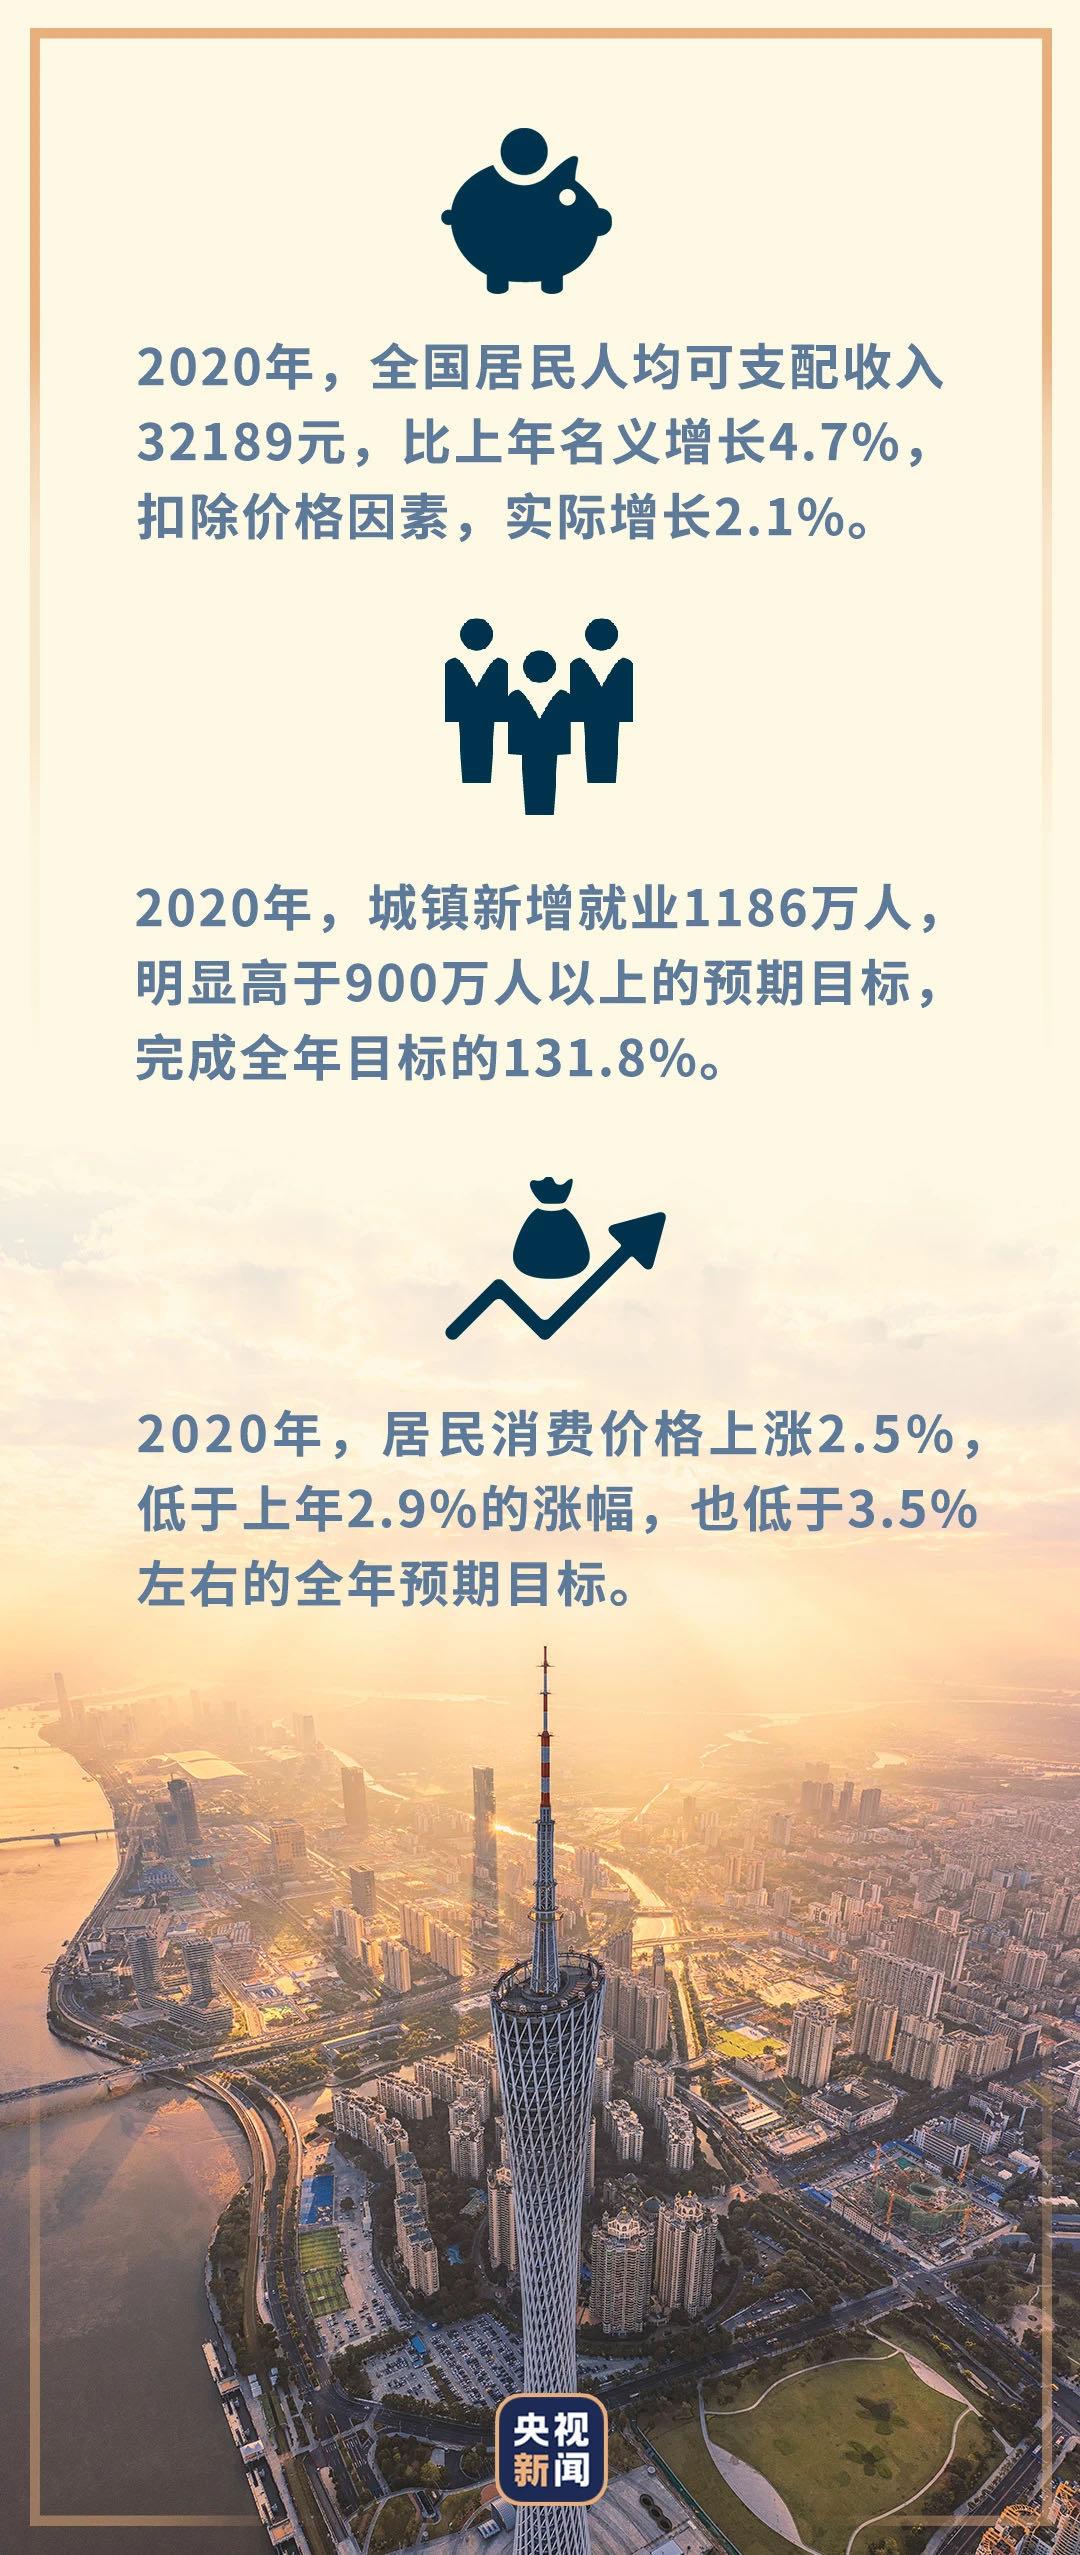 科隆助推转型产业升级